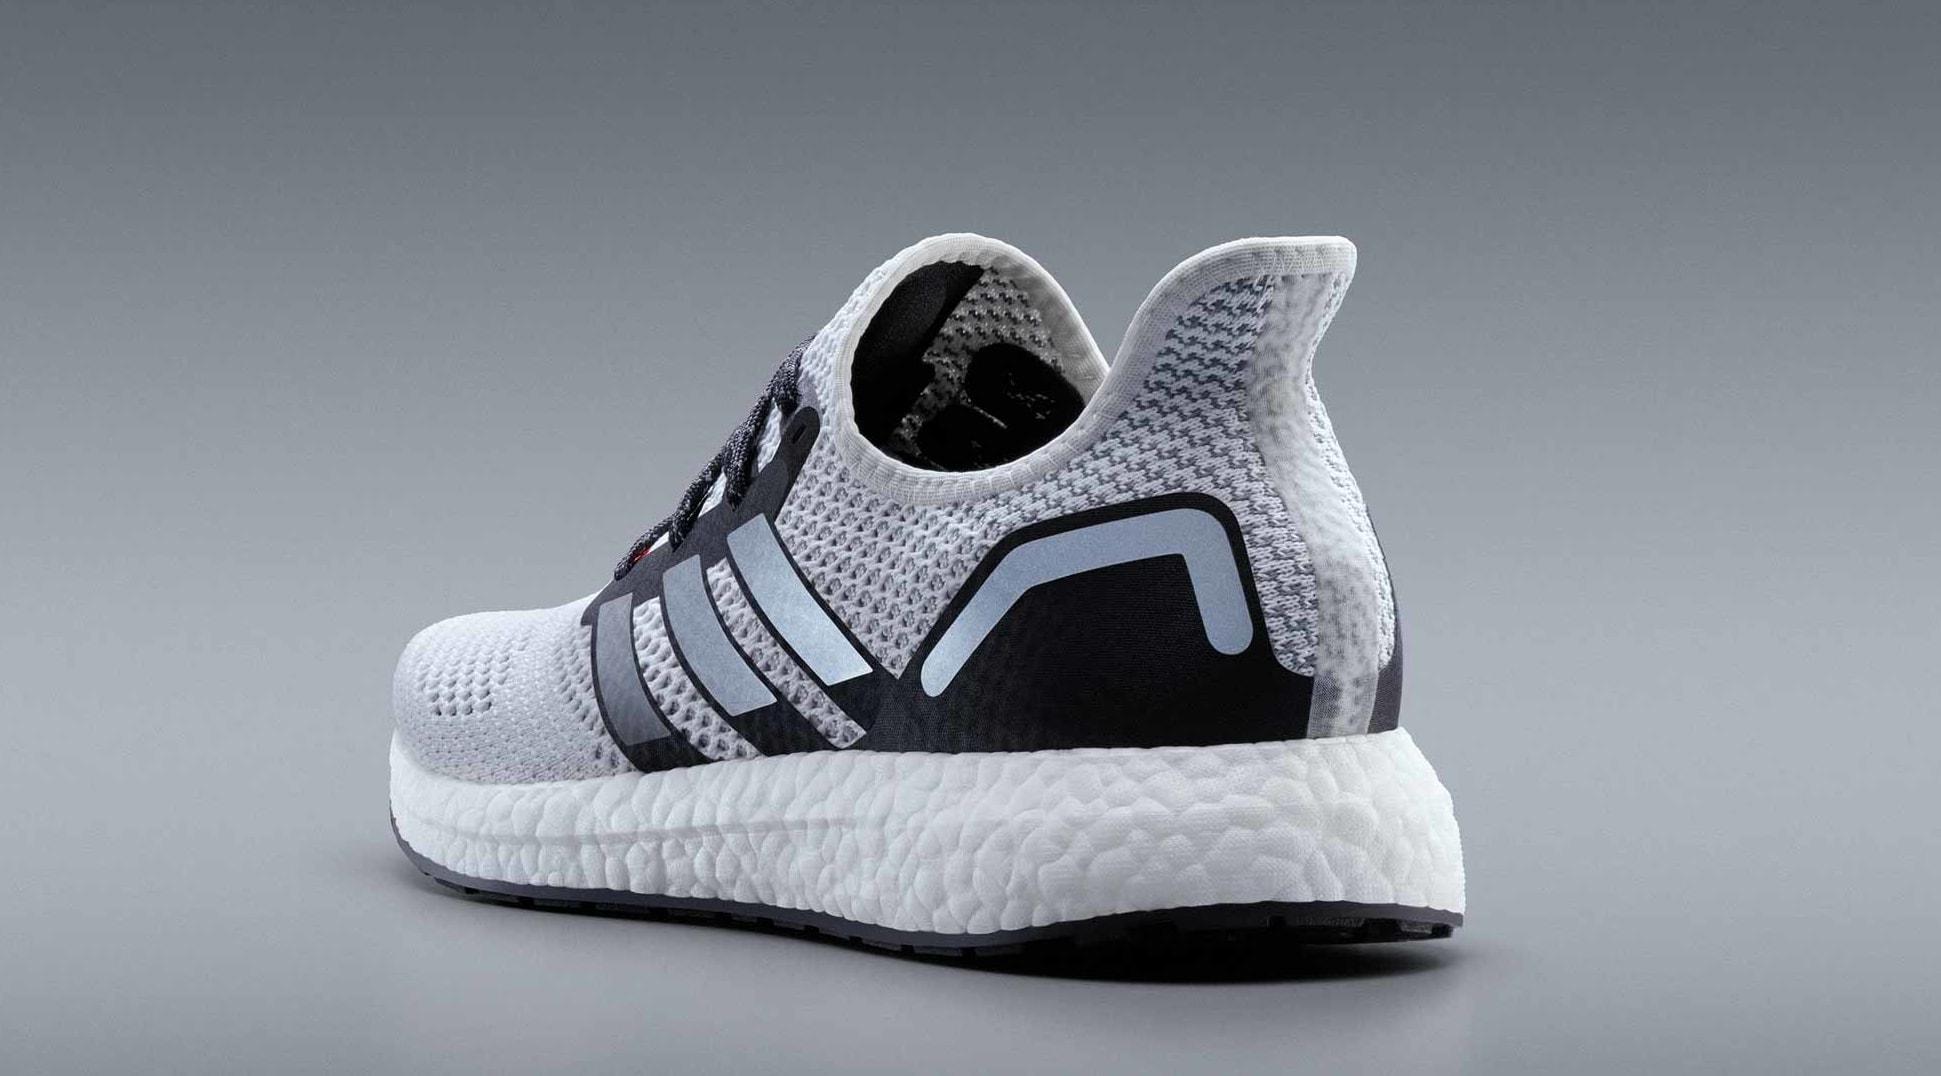 Adidas Speedfactory AM4TKY (Heel)